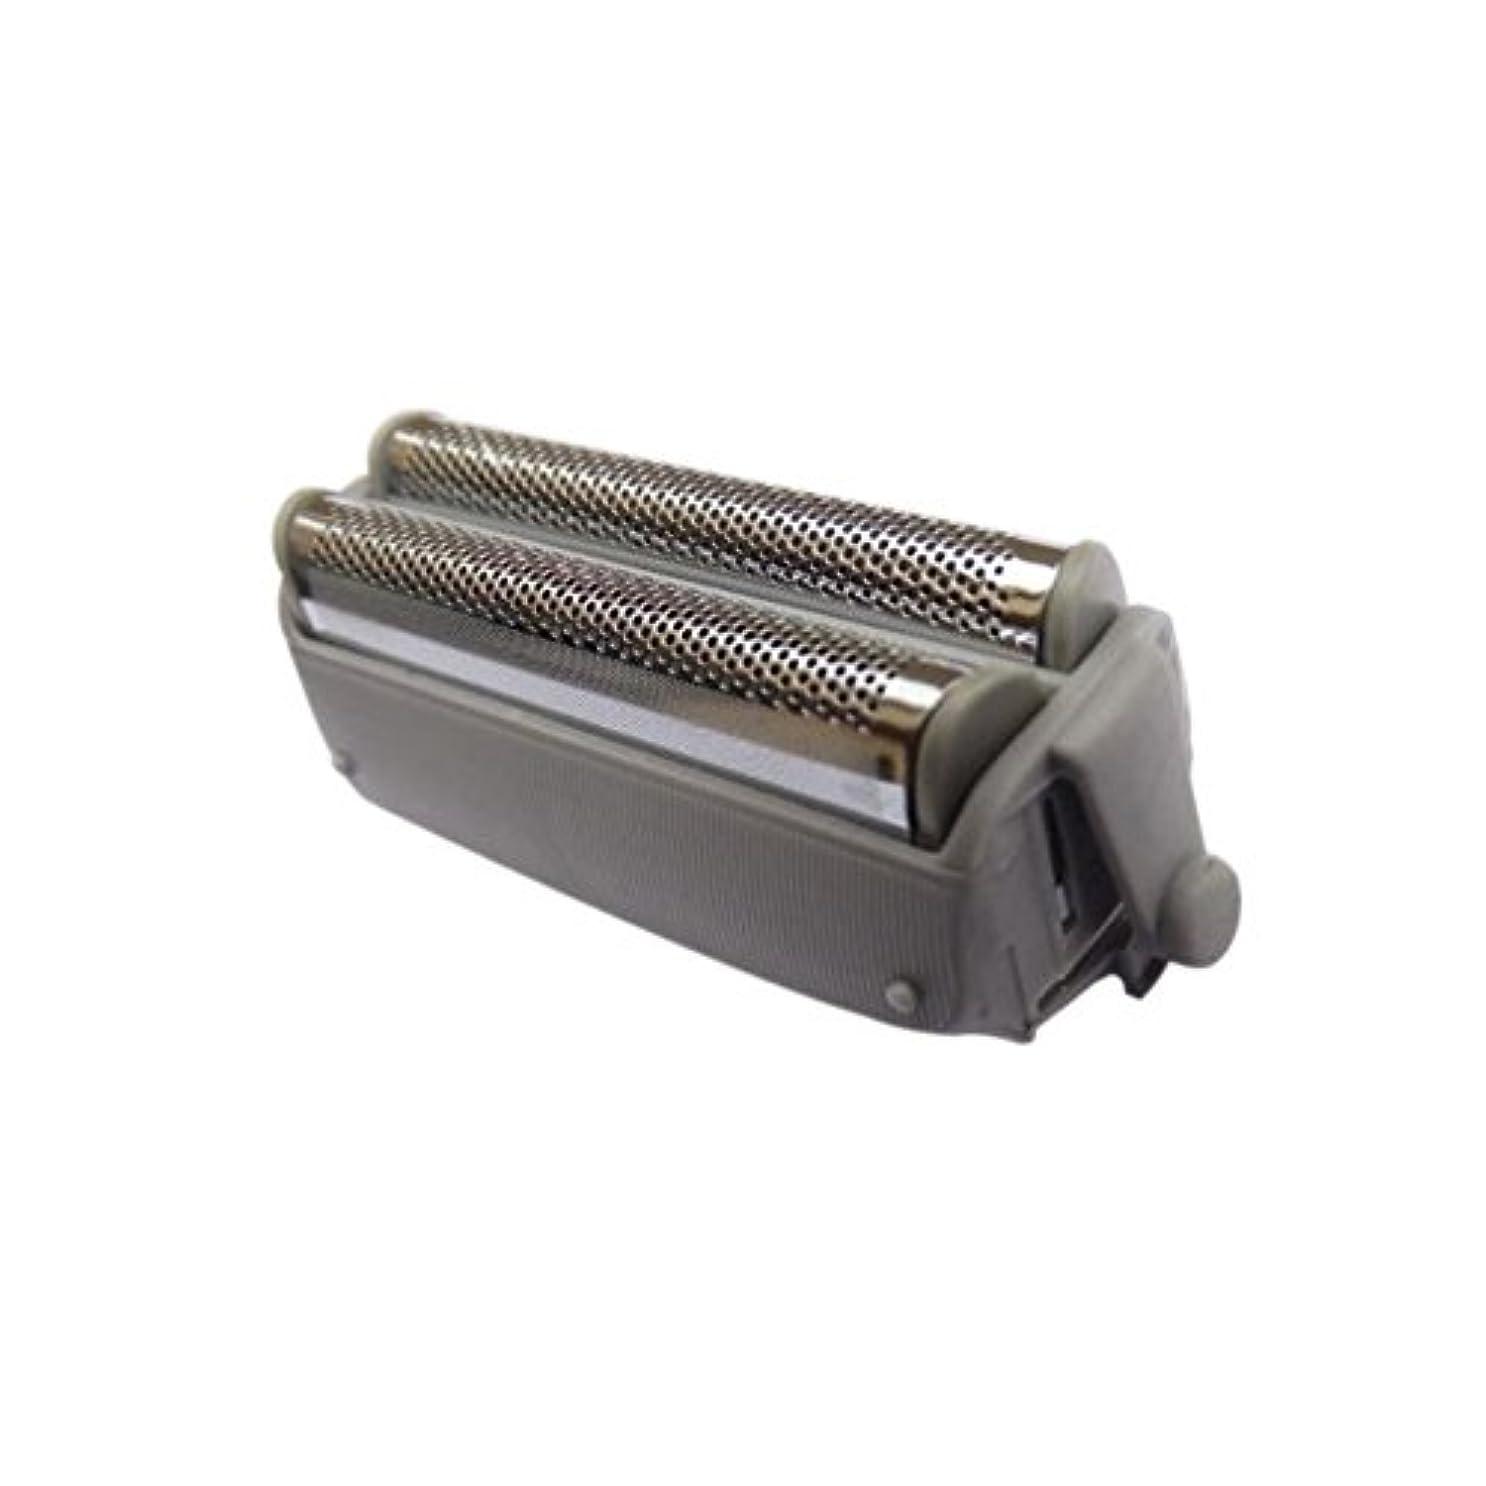 修羅場にはまってインスタントHZjundasi Replacement Outer ホイル for Panasonic RW30/ES719/726/4826/4853 ES9859